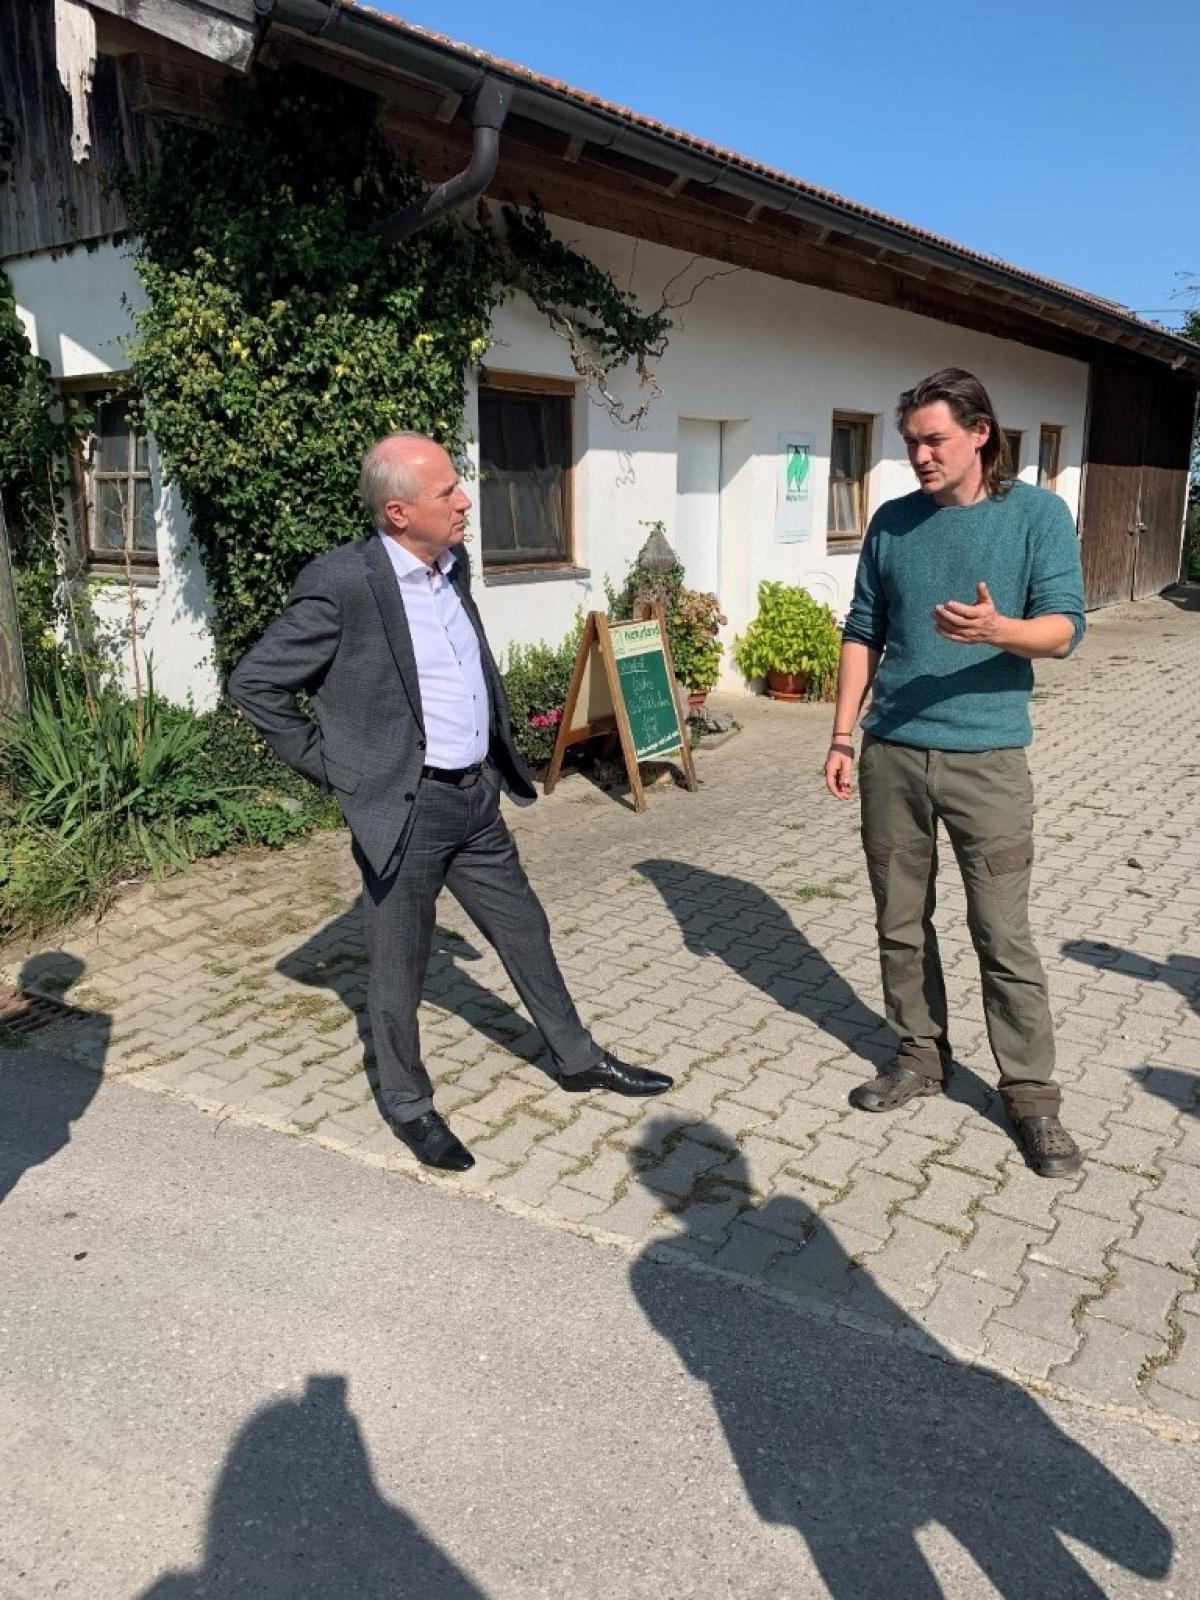 Landesrat Johann Seitinger aus der Steiermark erkundigte sich beim Betrieb Kettenberger zu den Möglichkeiten der Direktvermarktung bayerischer Biogeflügelprodukte.